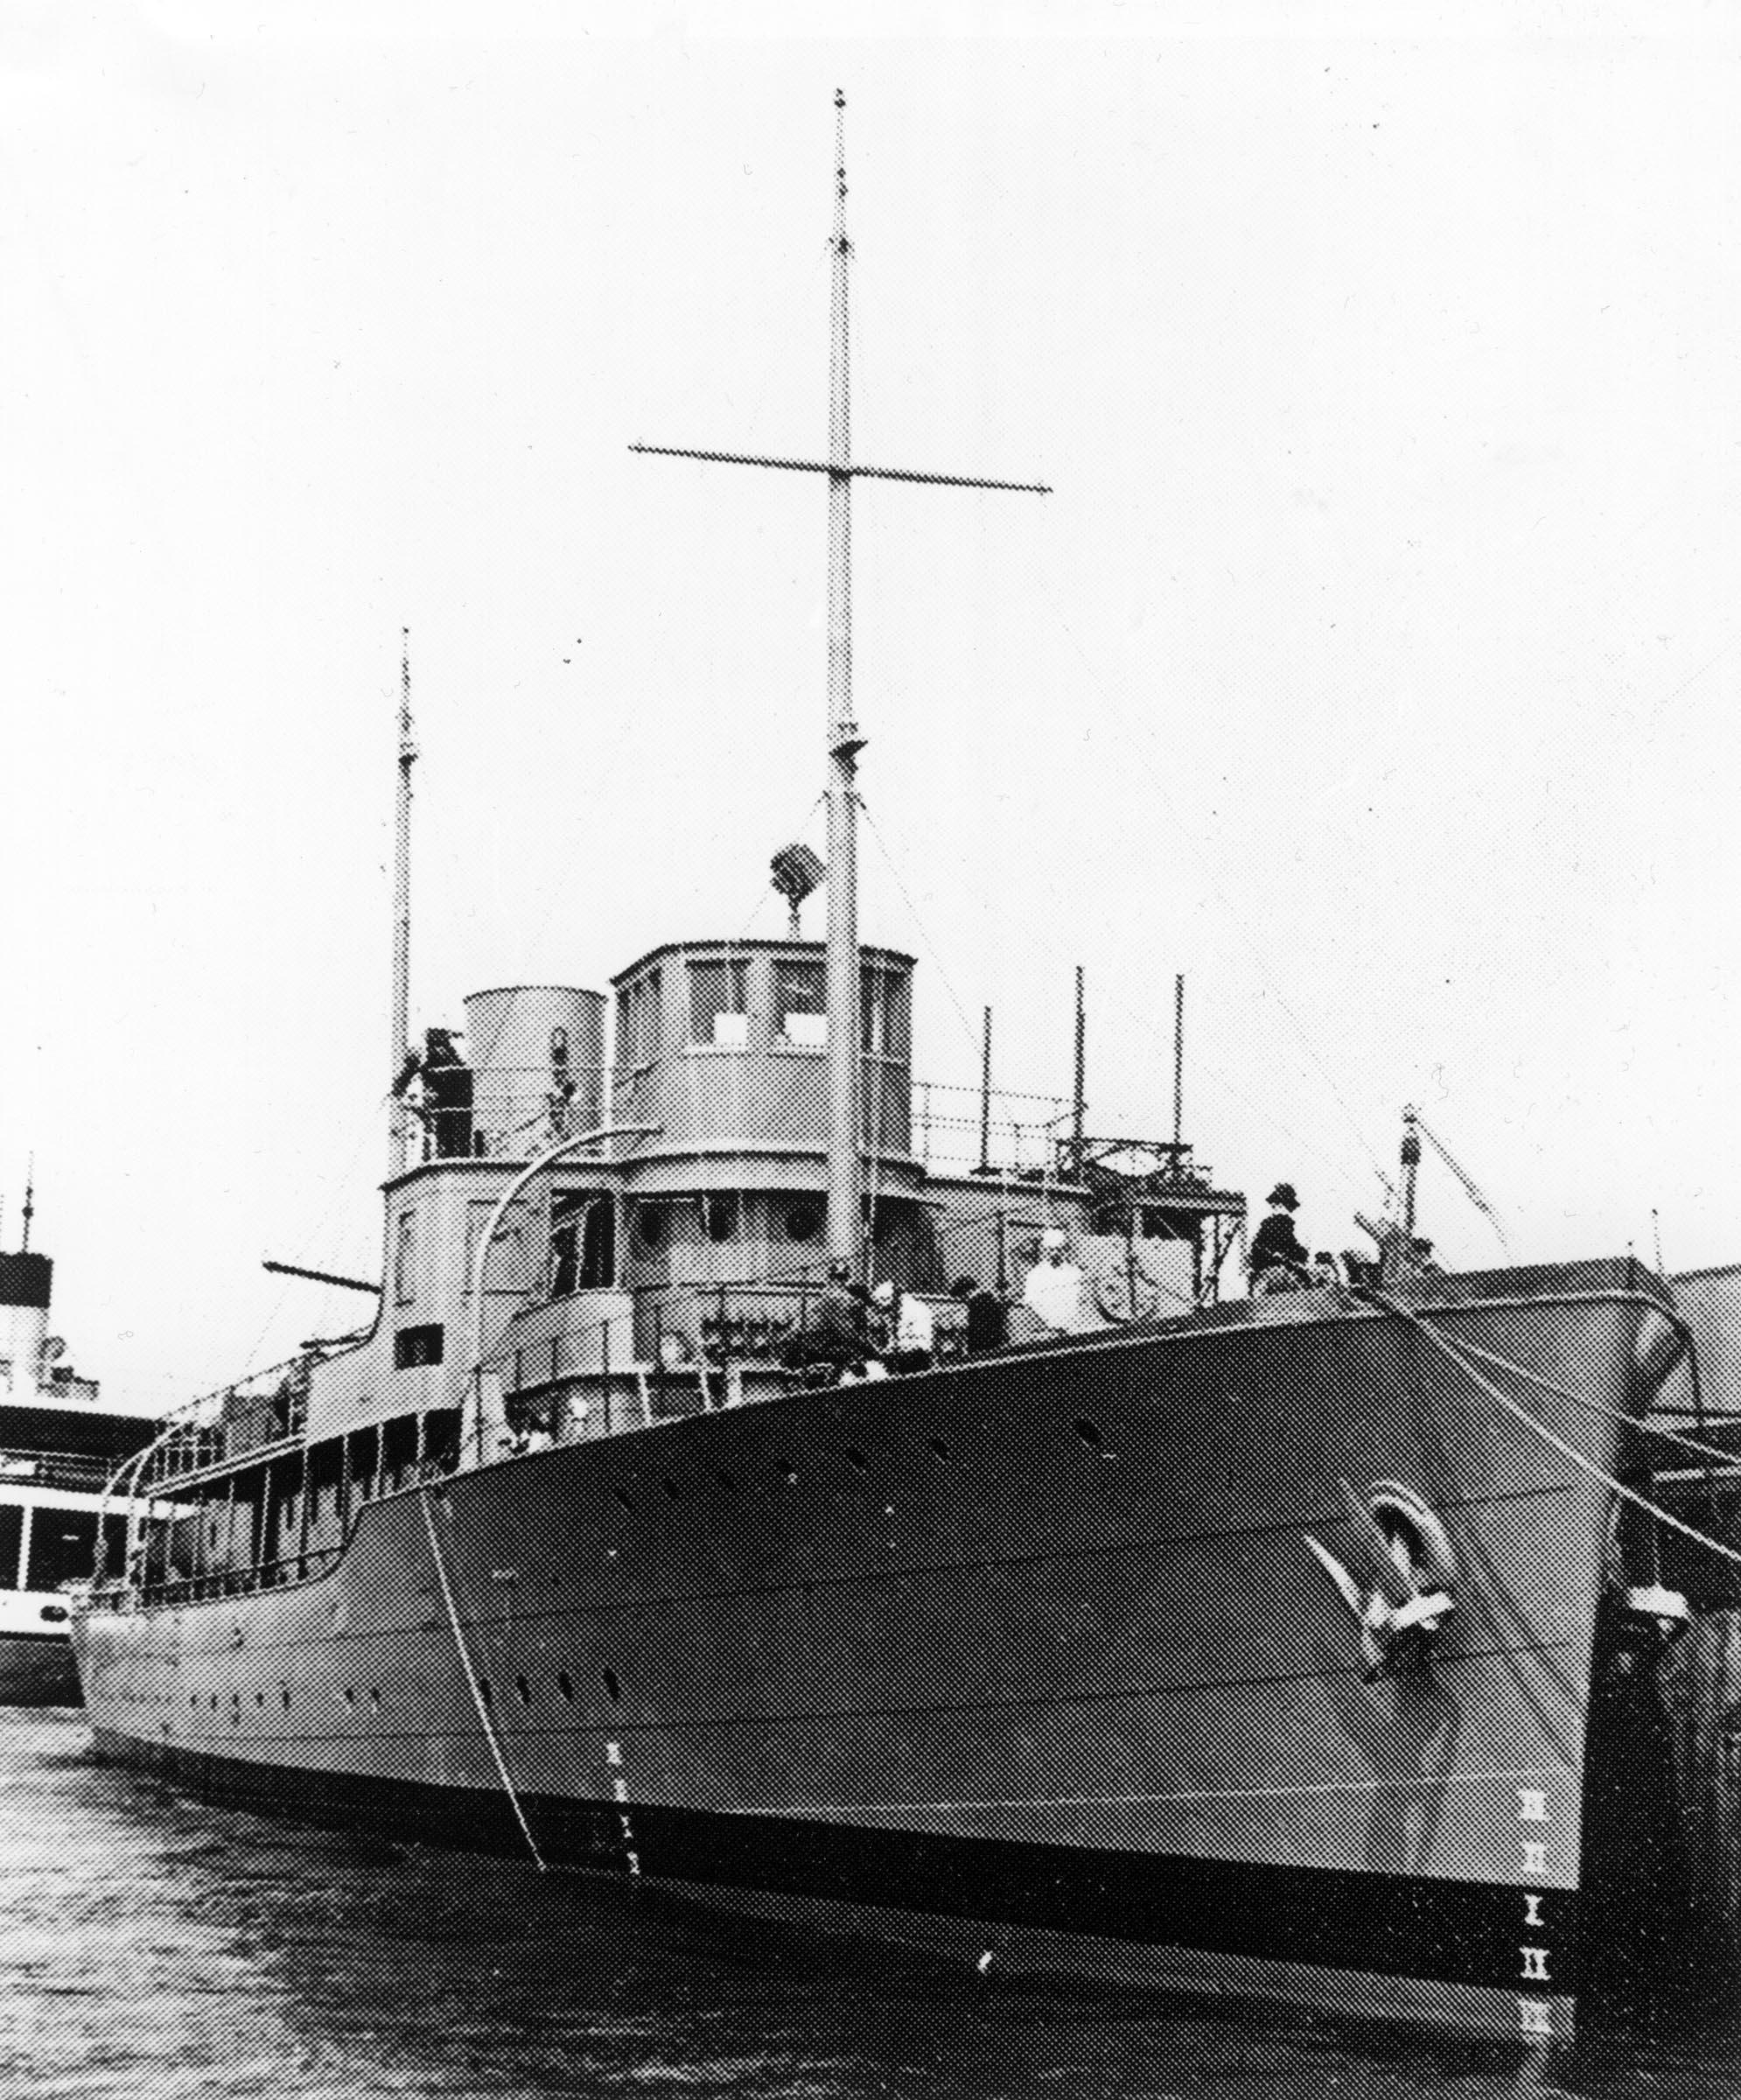 HMCS LYNX